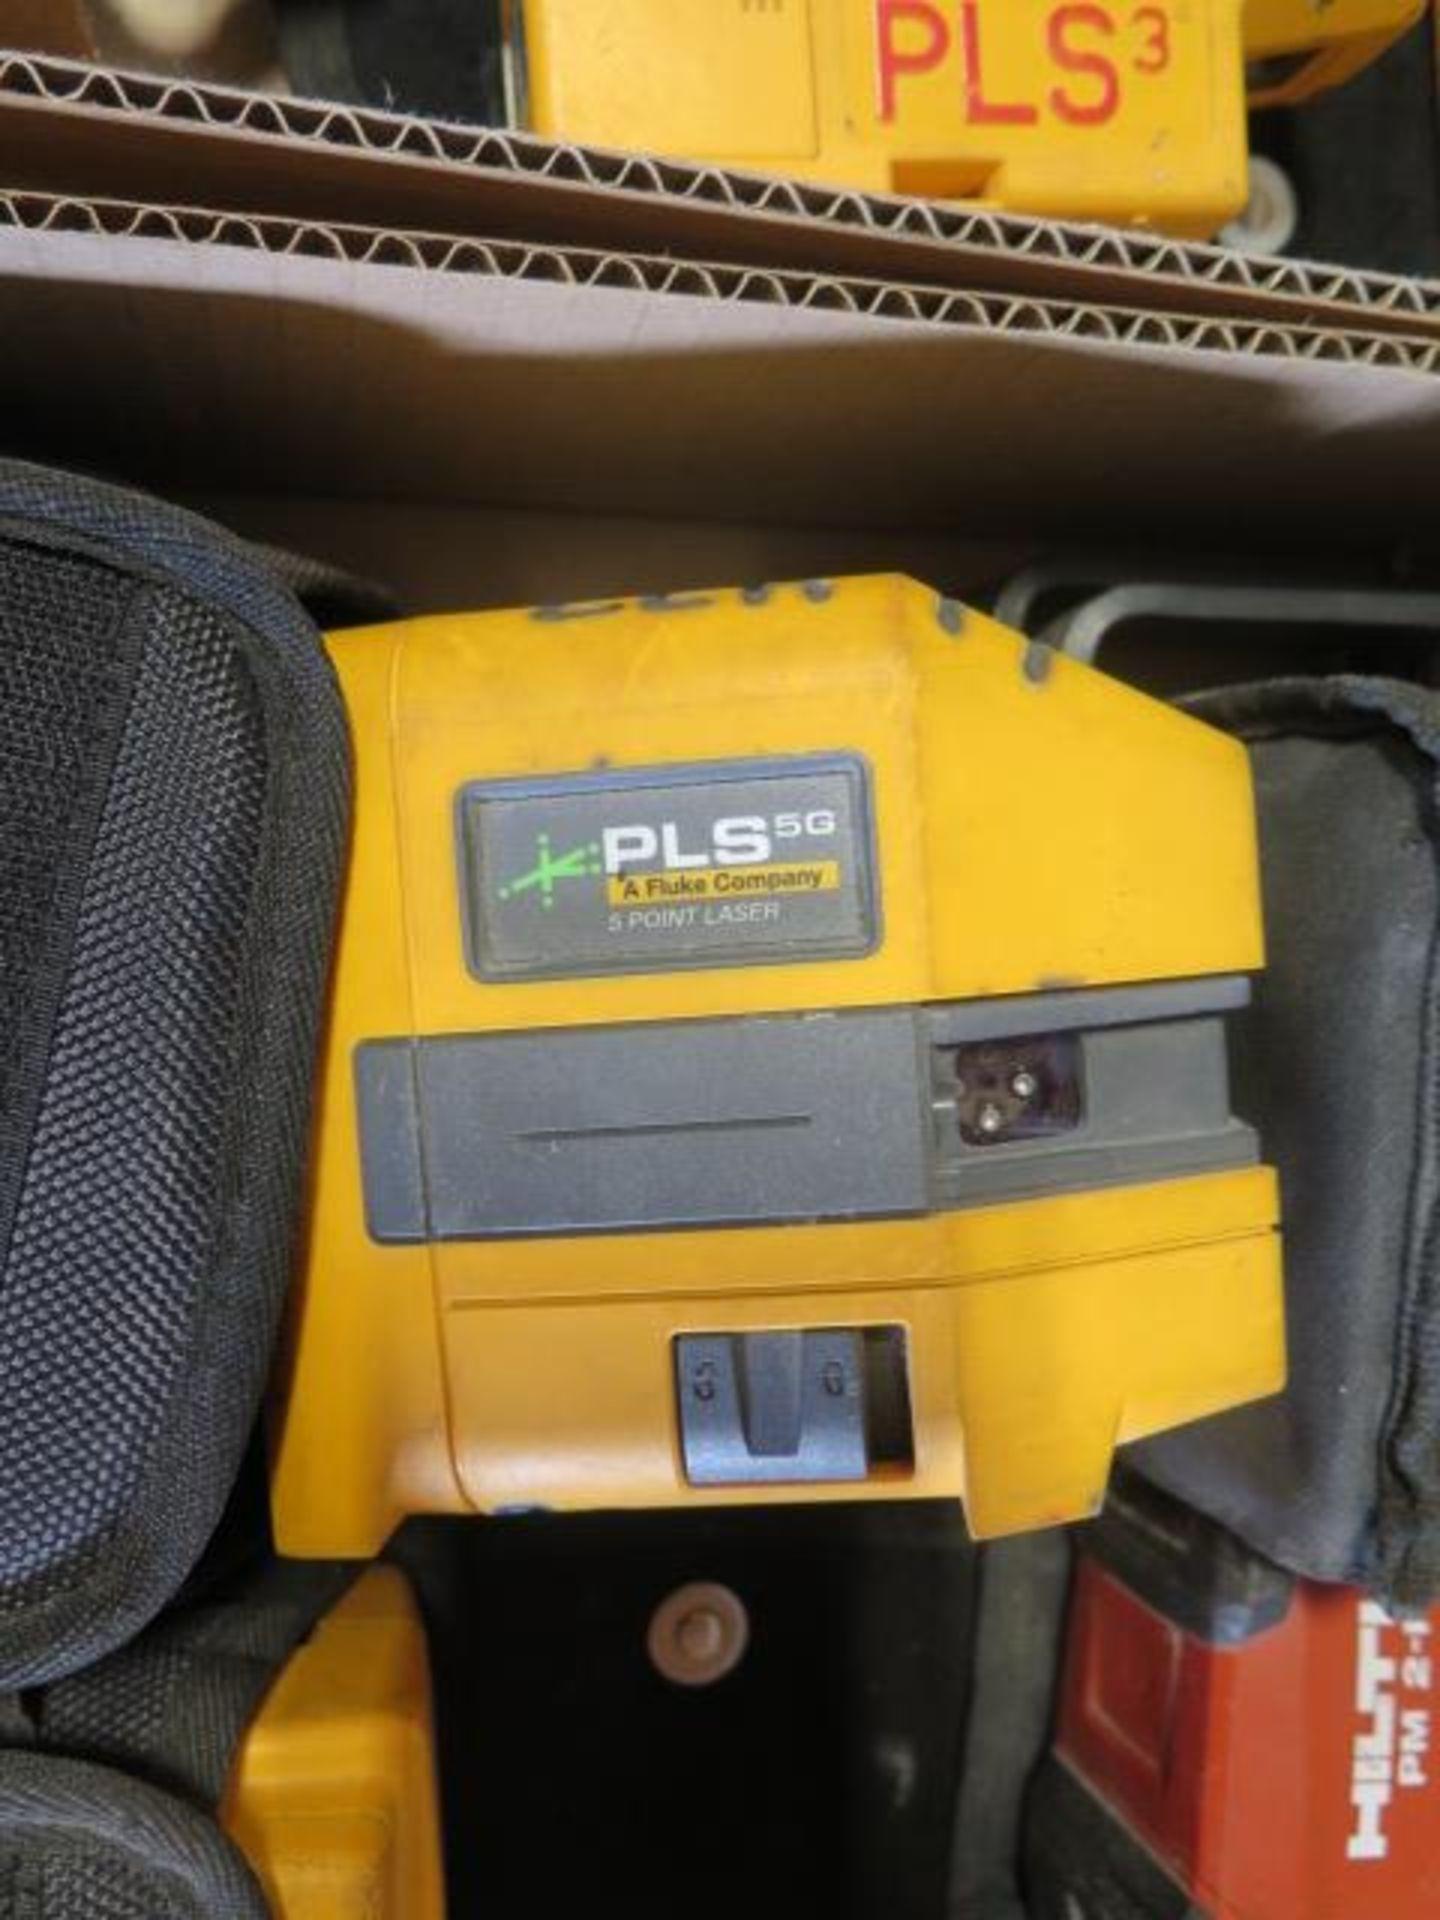 Hilti PM2-P Plumb Laser, Fluke PLS 5G 5-Point Laser Level and Fluke PLS 4 4-Point SOLD AS IS - Image 4 of 5